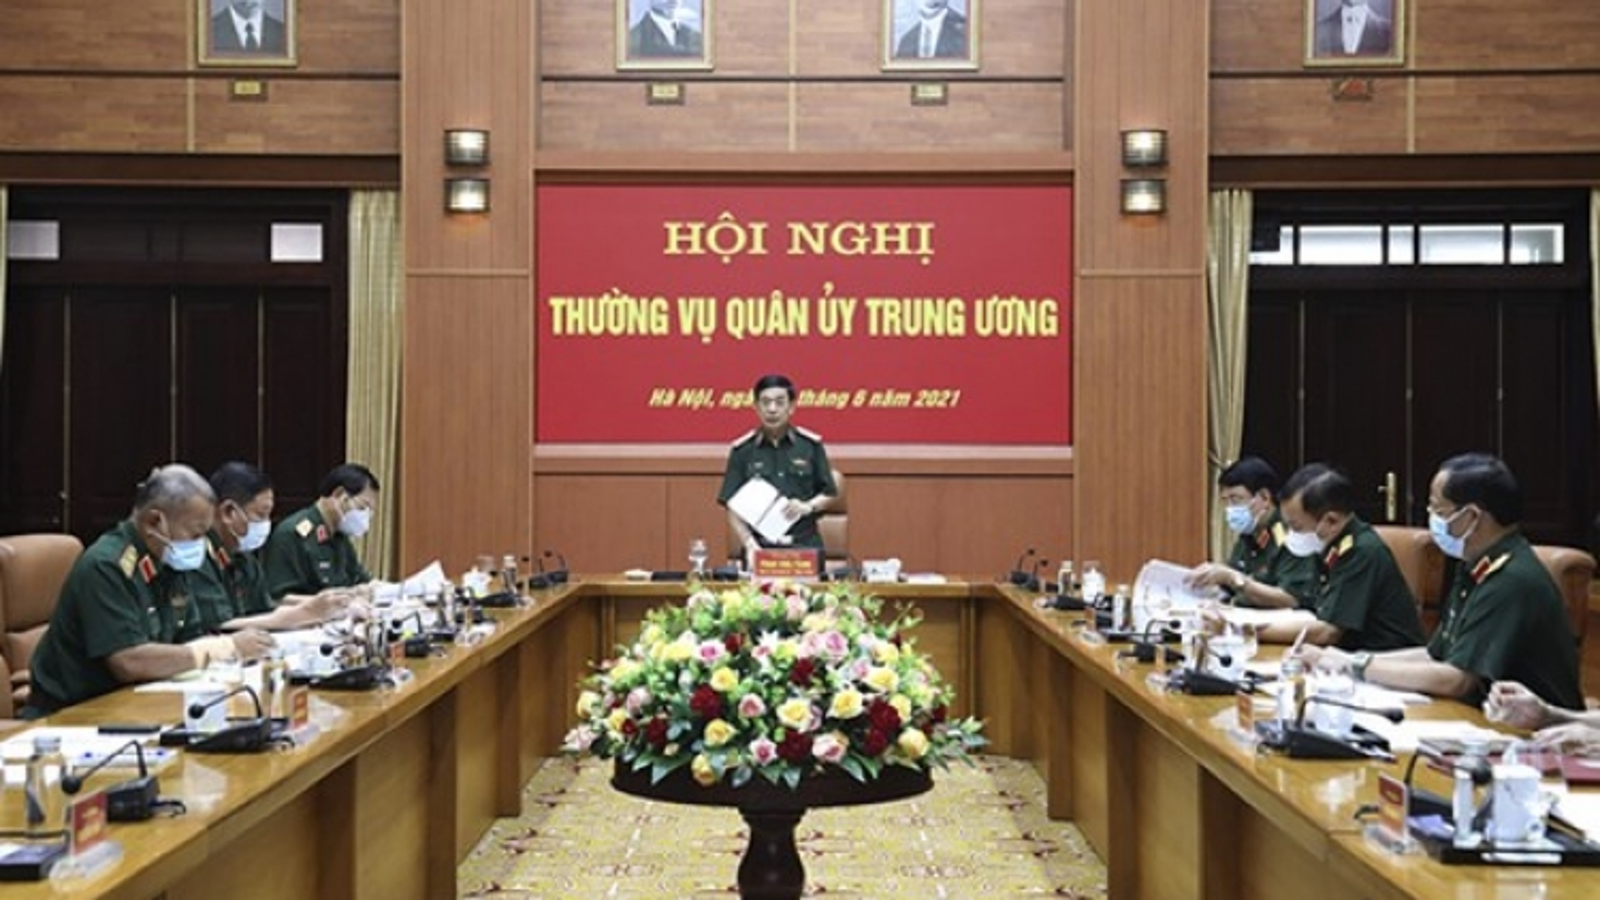 Bộ trưởng Phan Văn Giang chủ trì Hội nghị Thường vụ Quân ủy Trung ương